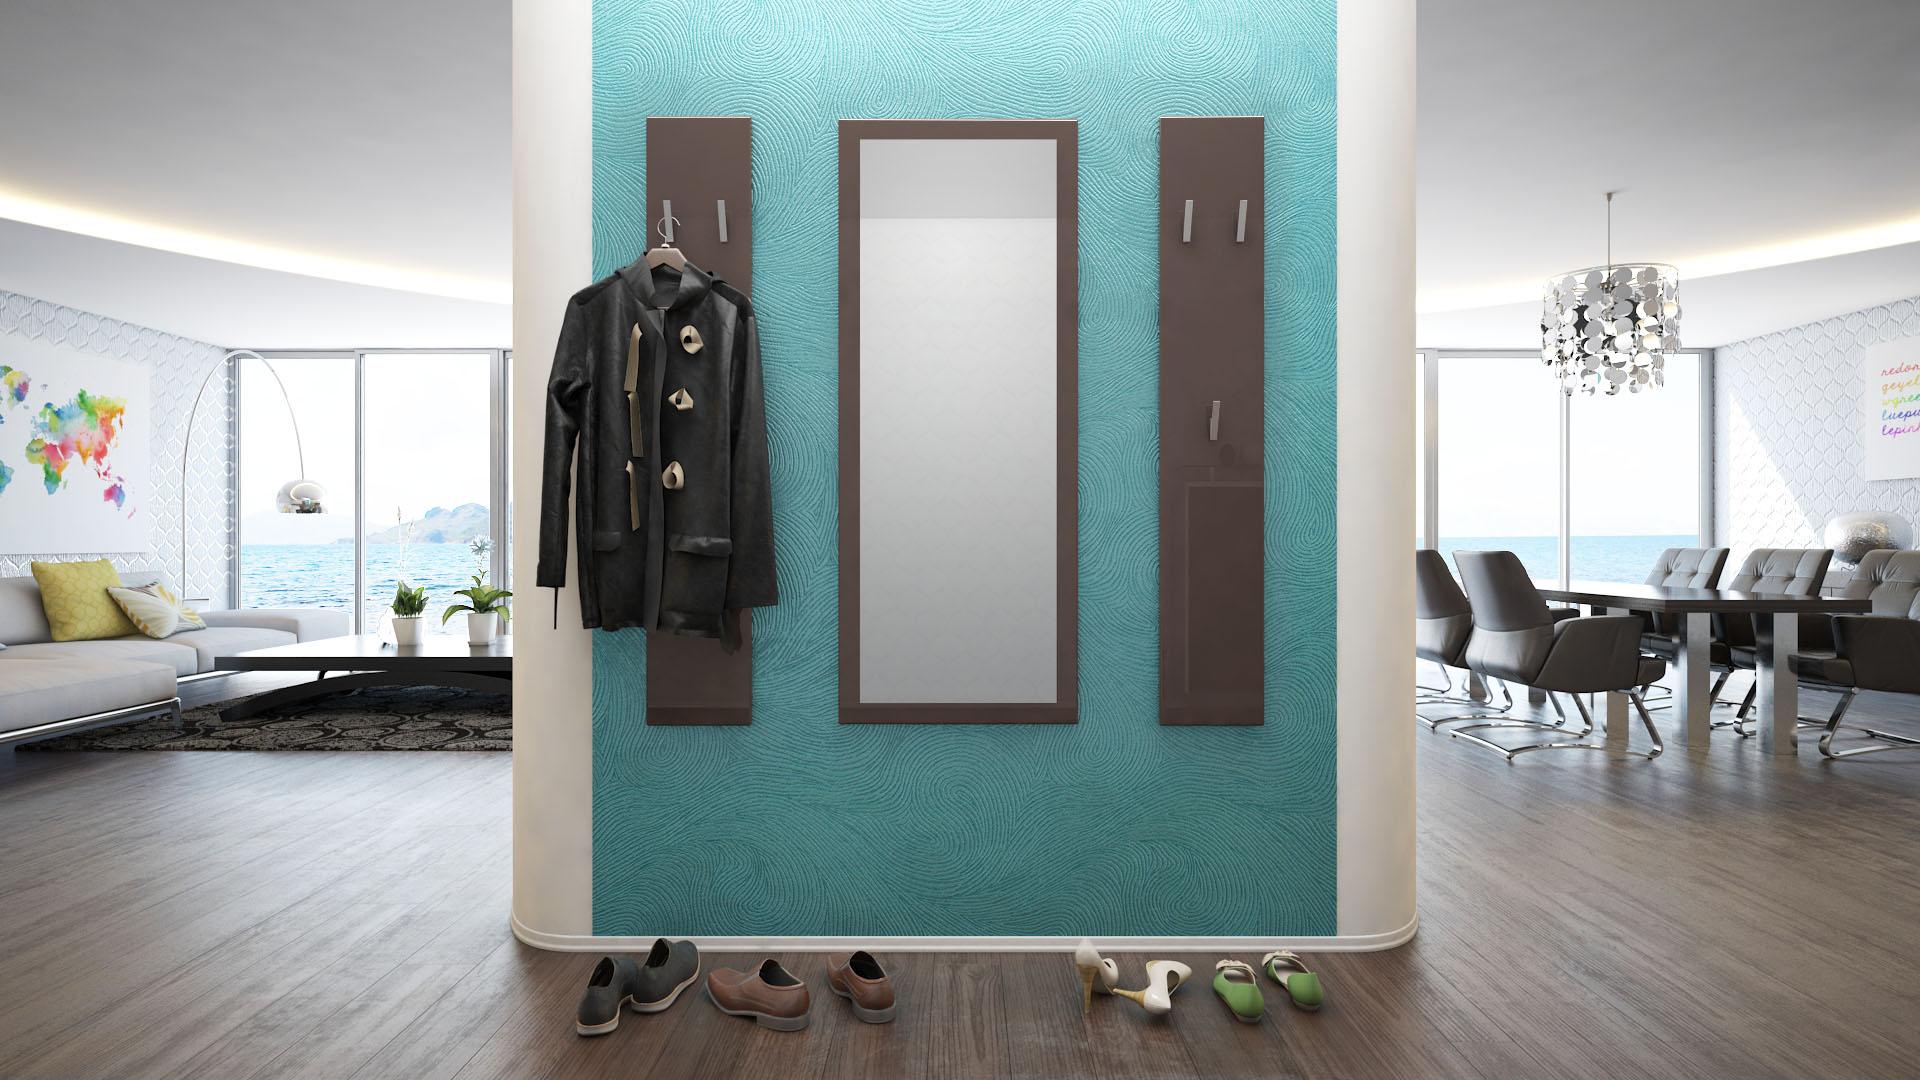 garderoben set paneel wandgarderobe wandhaken spiegel flur. Black Bedroom Furniture Sets. Home Design Ideas